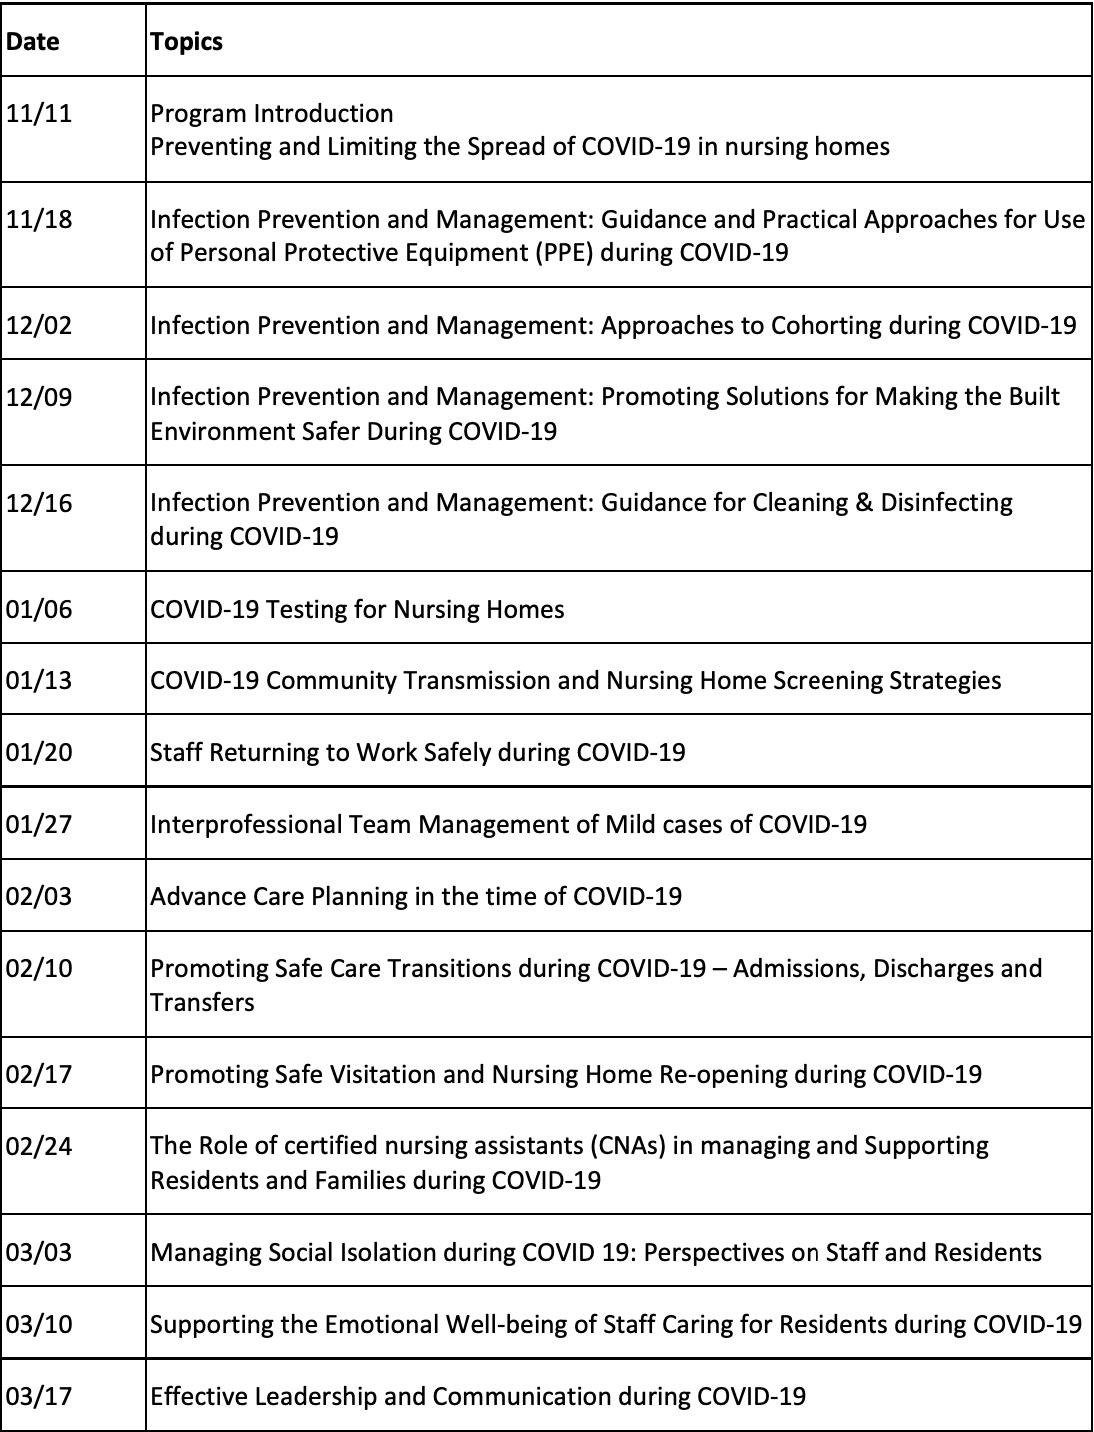 ECHO-Chicago: Nursing Home COVID-19 Action Network (Nov. 11 AM Cohort) Agenda